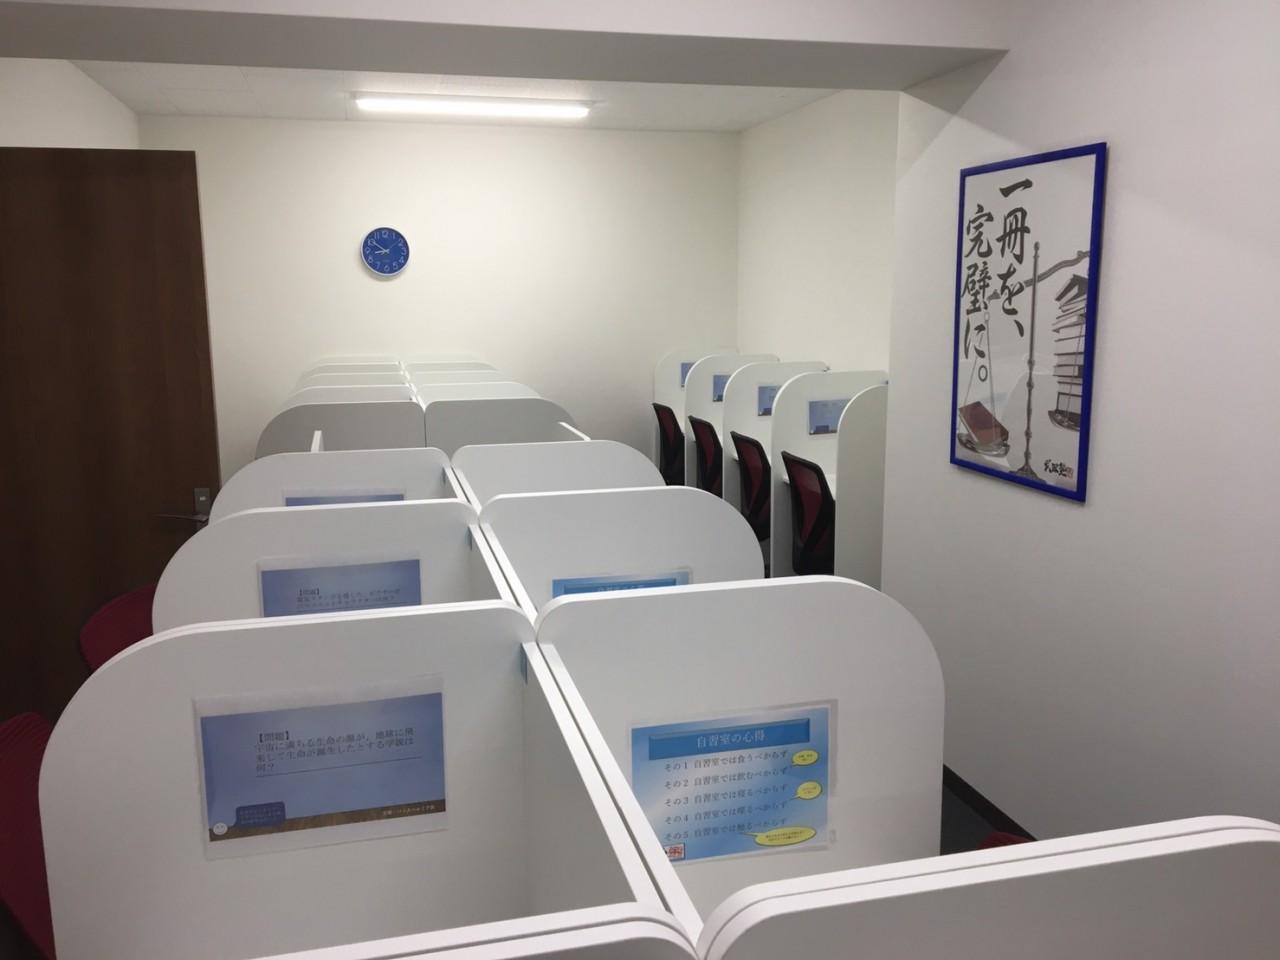 図書館 呉 市 呉市立図書館 「今月のテーマ」